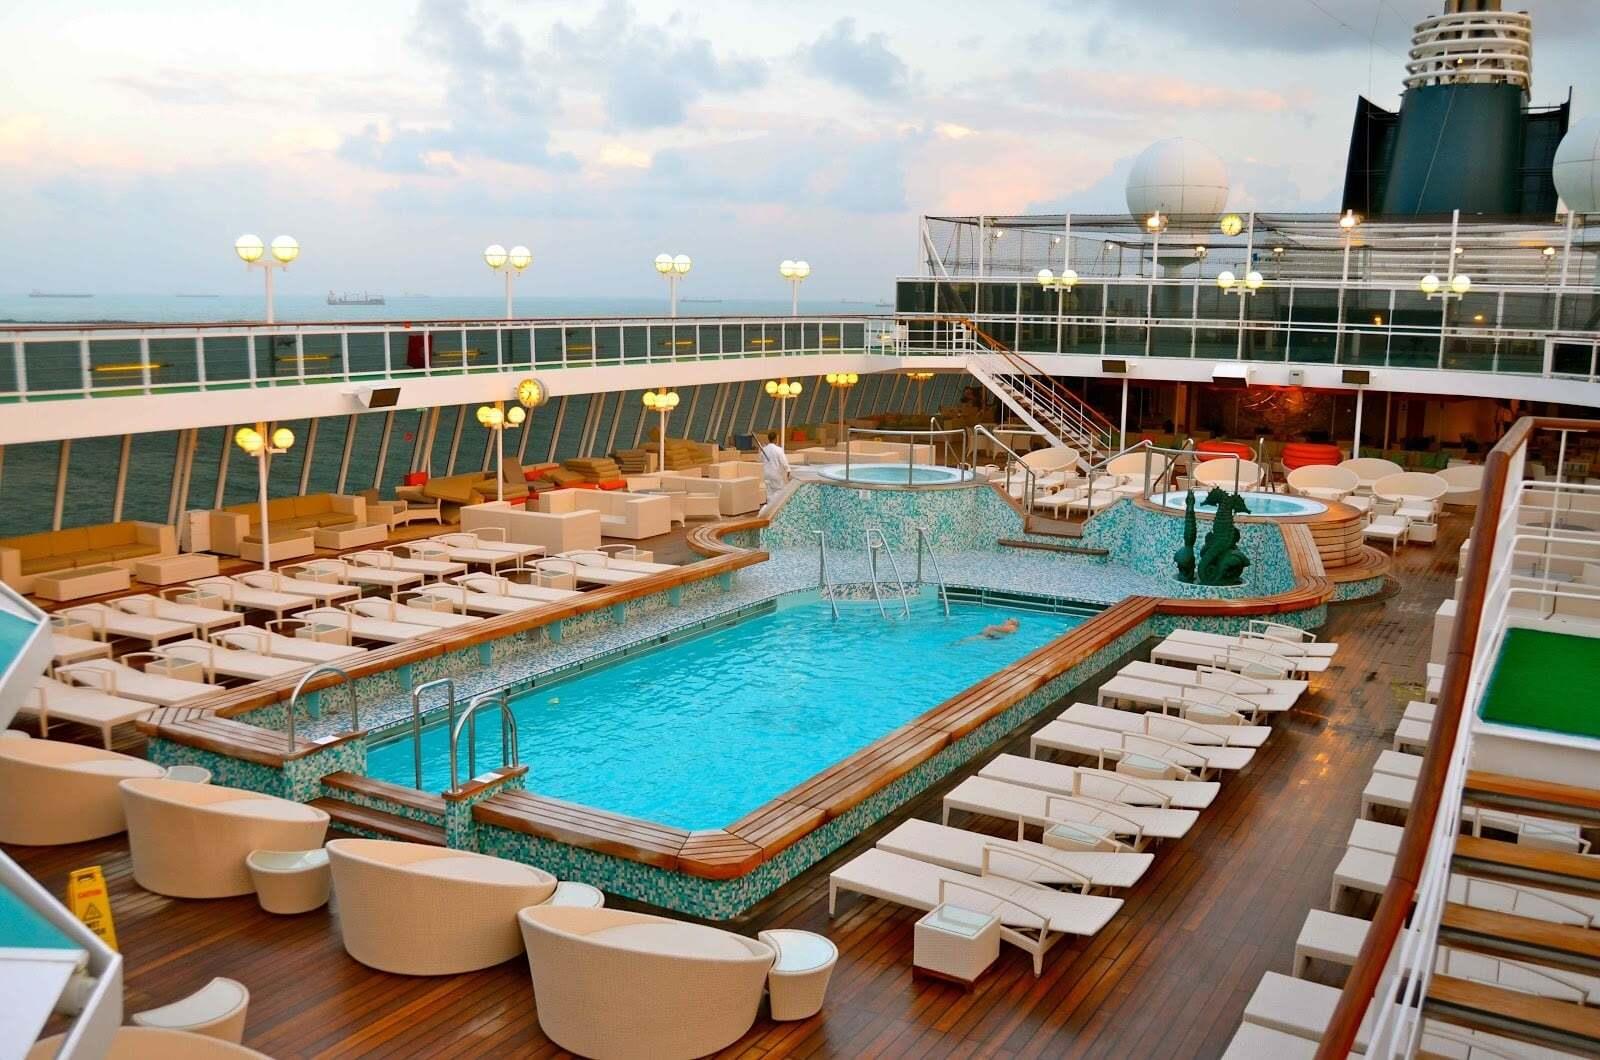 ilginc, etkinlikler, deniz-kultur - SilverSea Cruiser - En Pahalı Kruvaziyer Turu 140Gün 62Liman 32Ülke